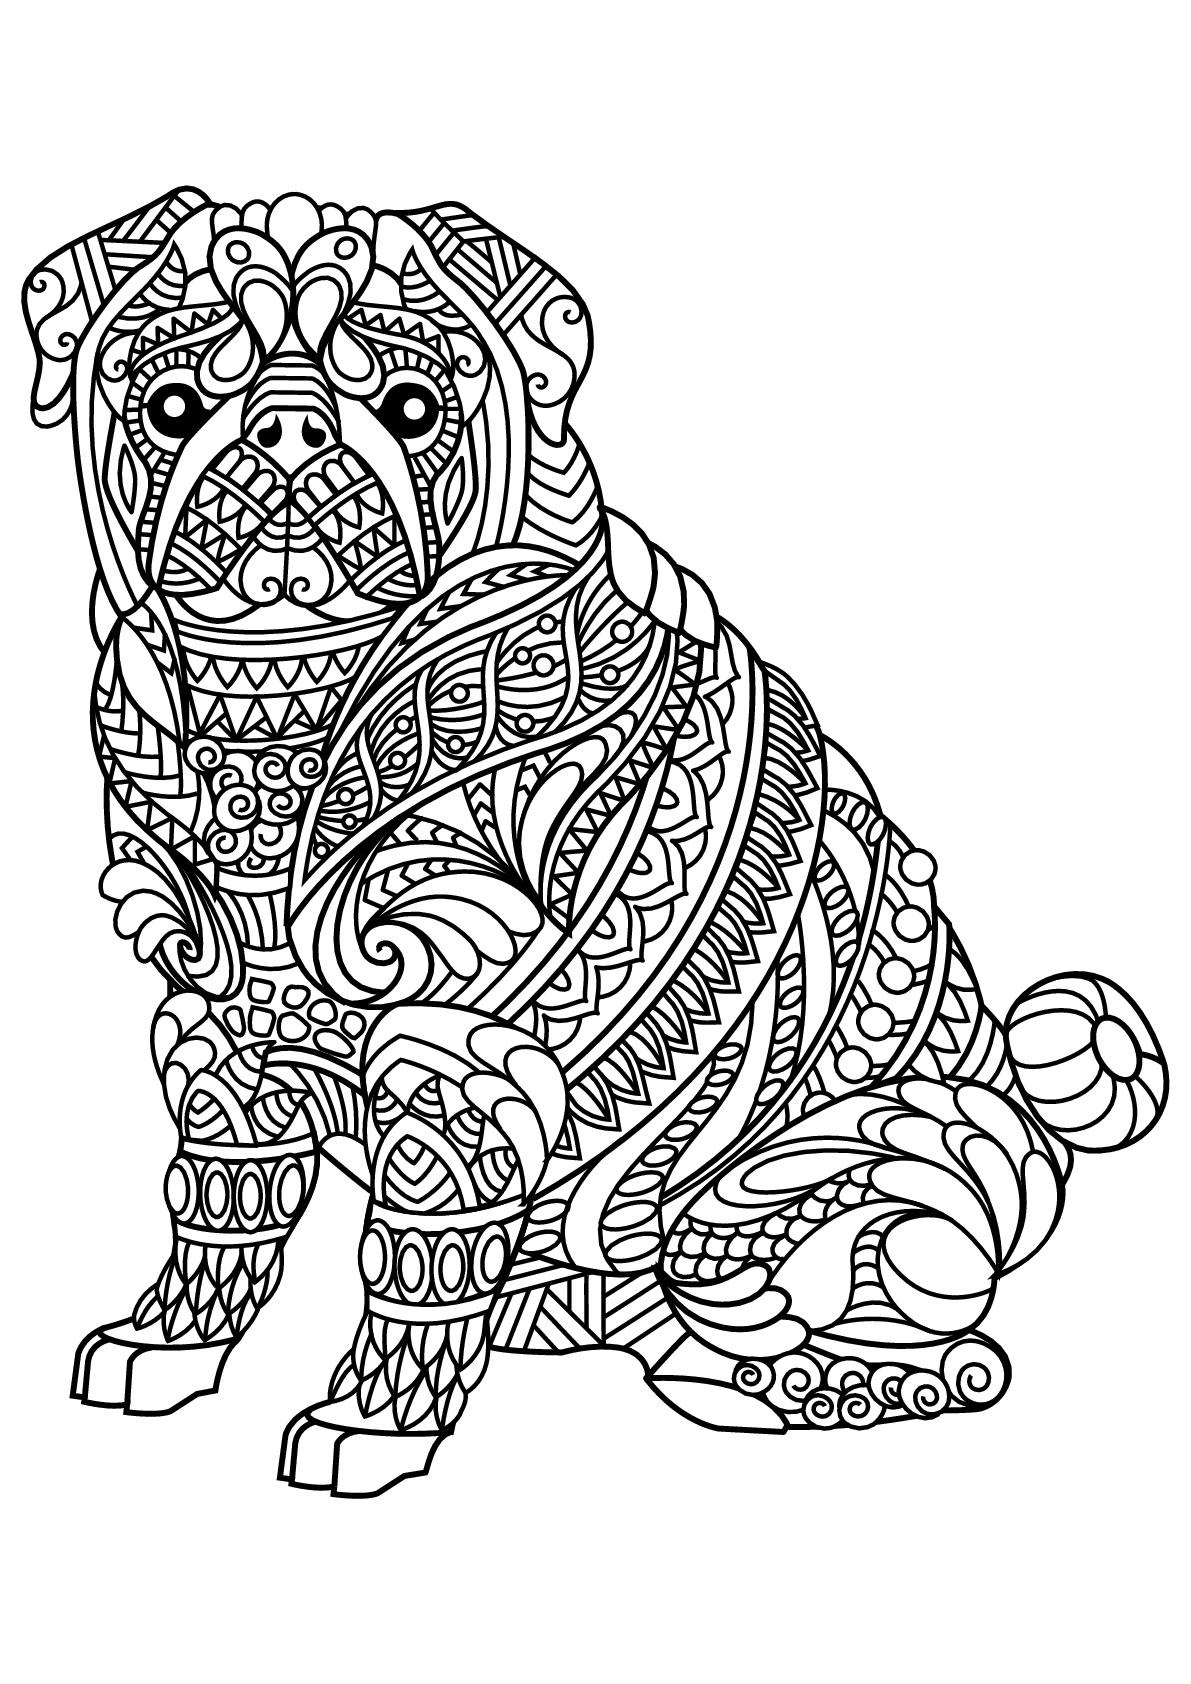 Coloriage Chien Teckel.Livre Gratuit Chien Bulldog Chiens Coloriages Difficiles Pour